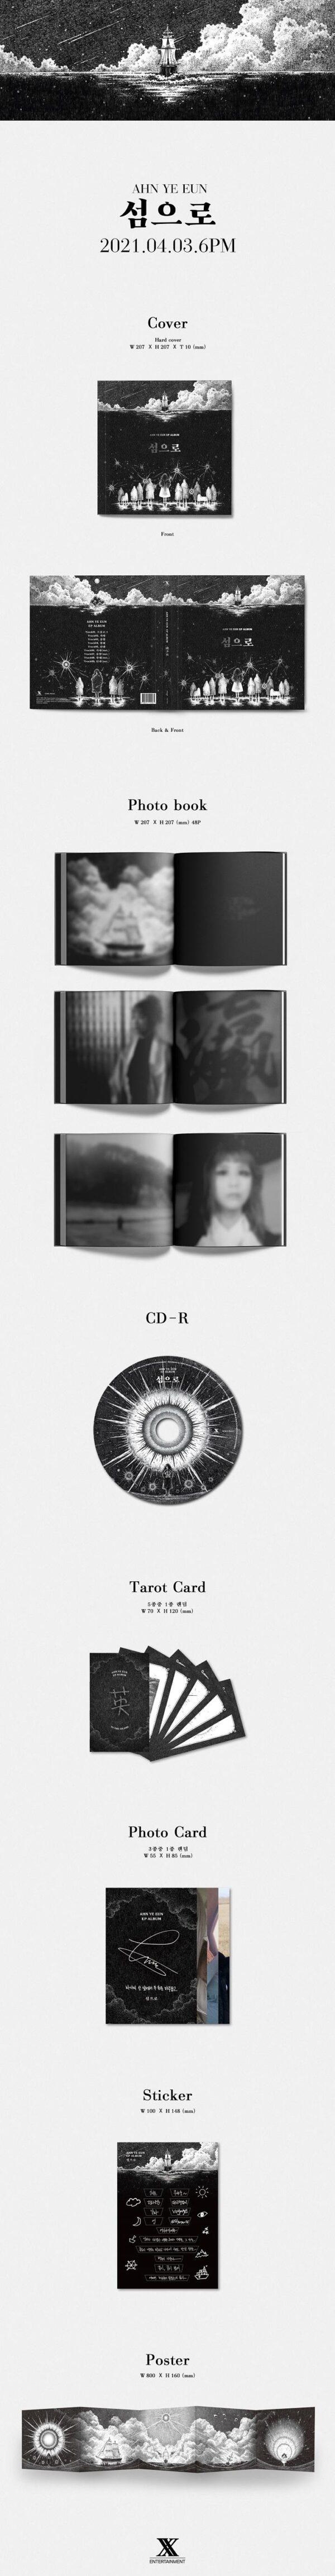 EP Album de AHN YEEUN INTO THE ISLAND 2